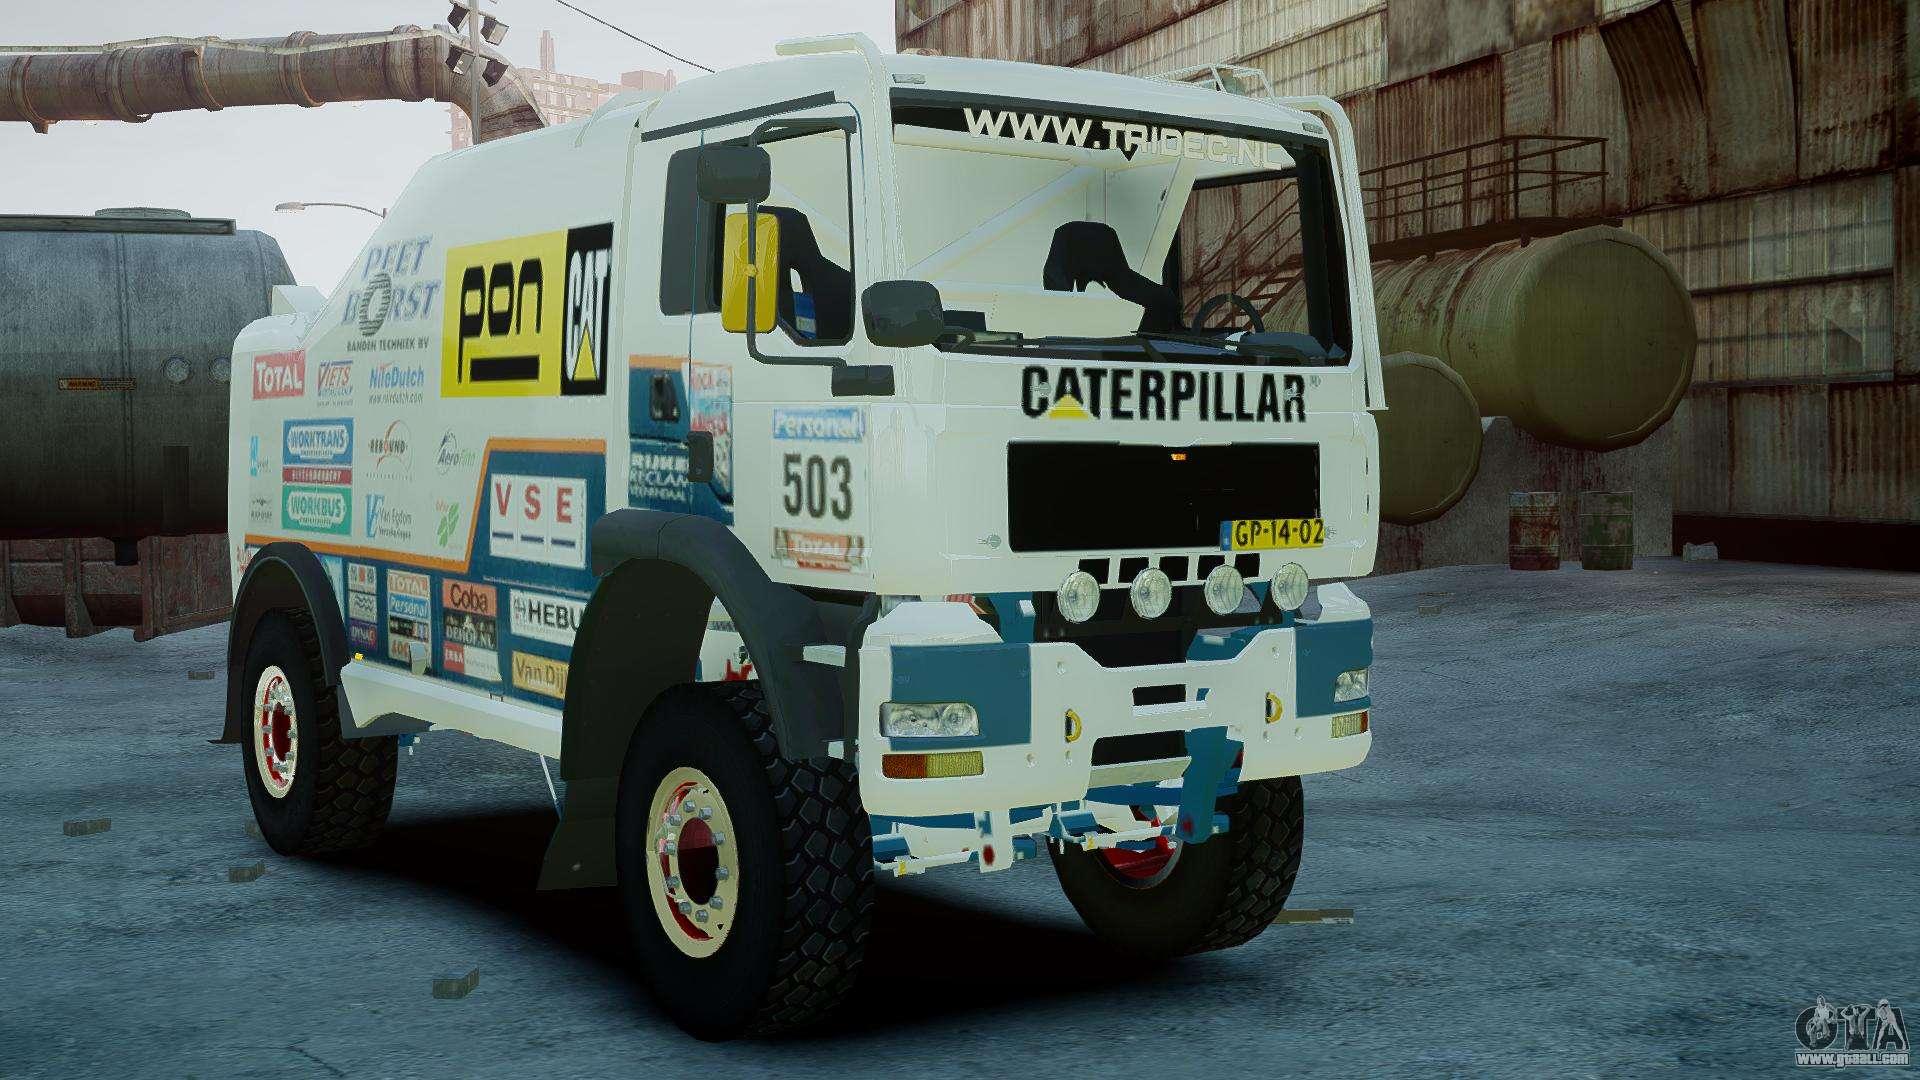 man tga ginaf dakar race truck for gta 4